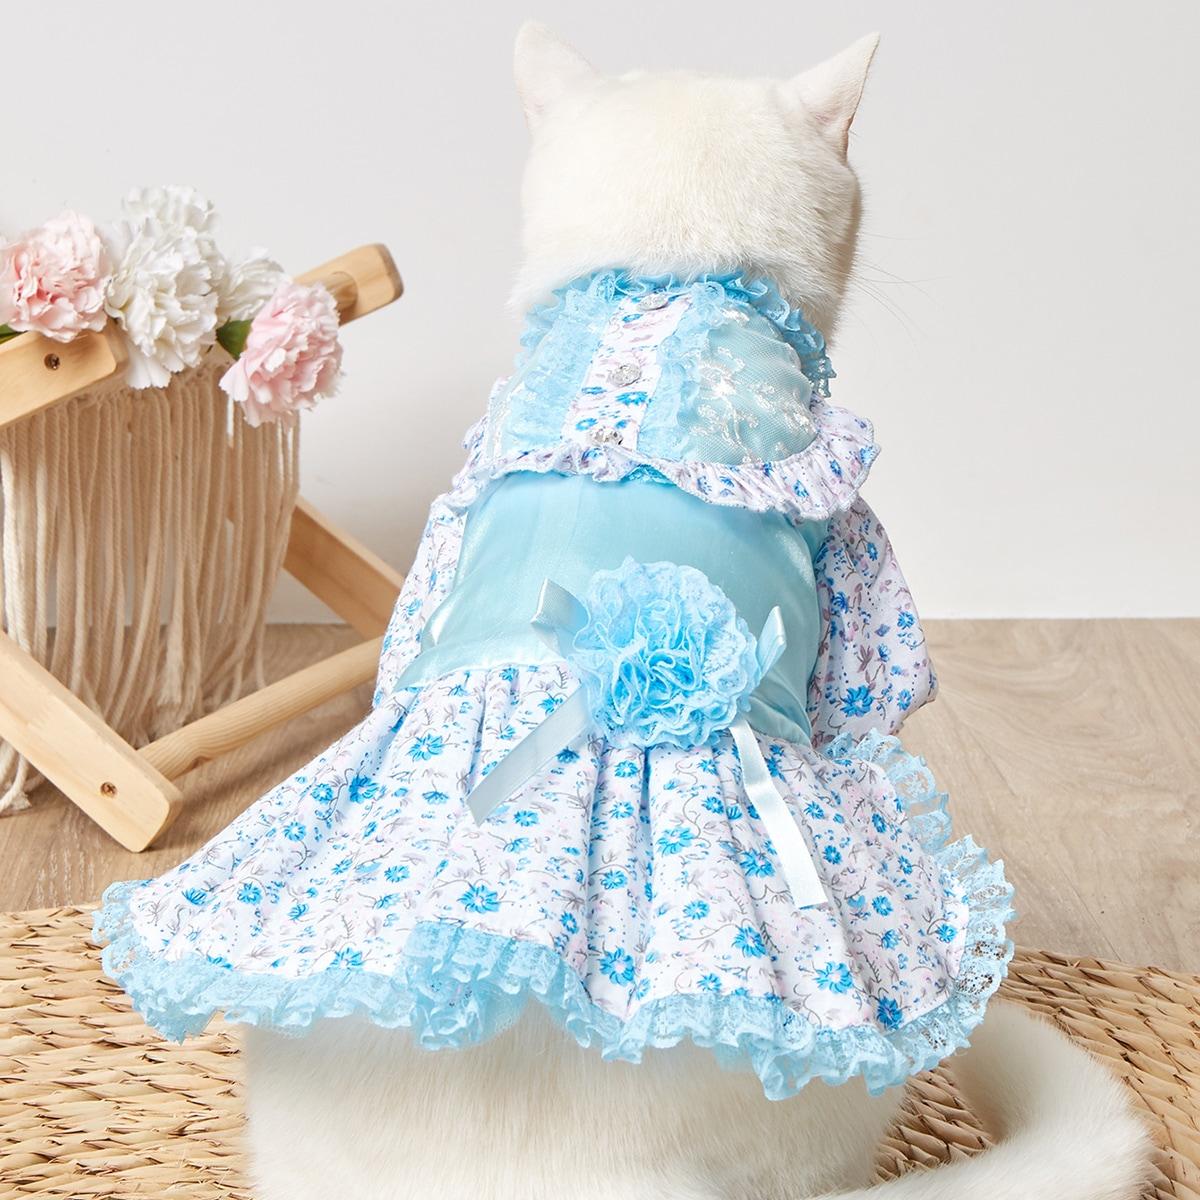 Flower Print Lace Pet Dress